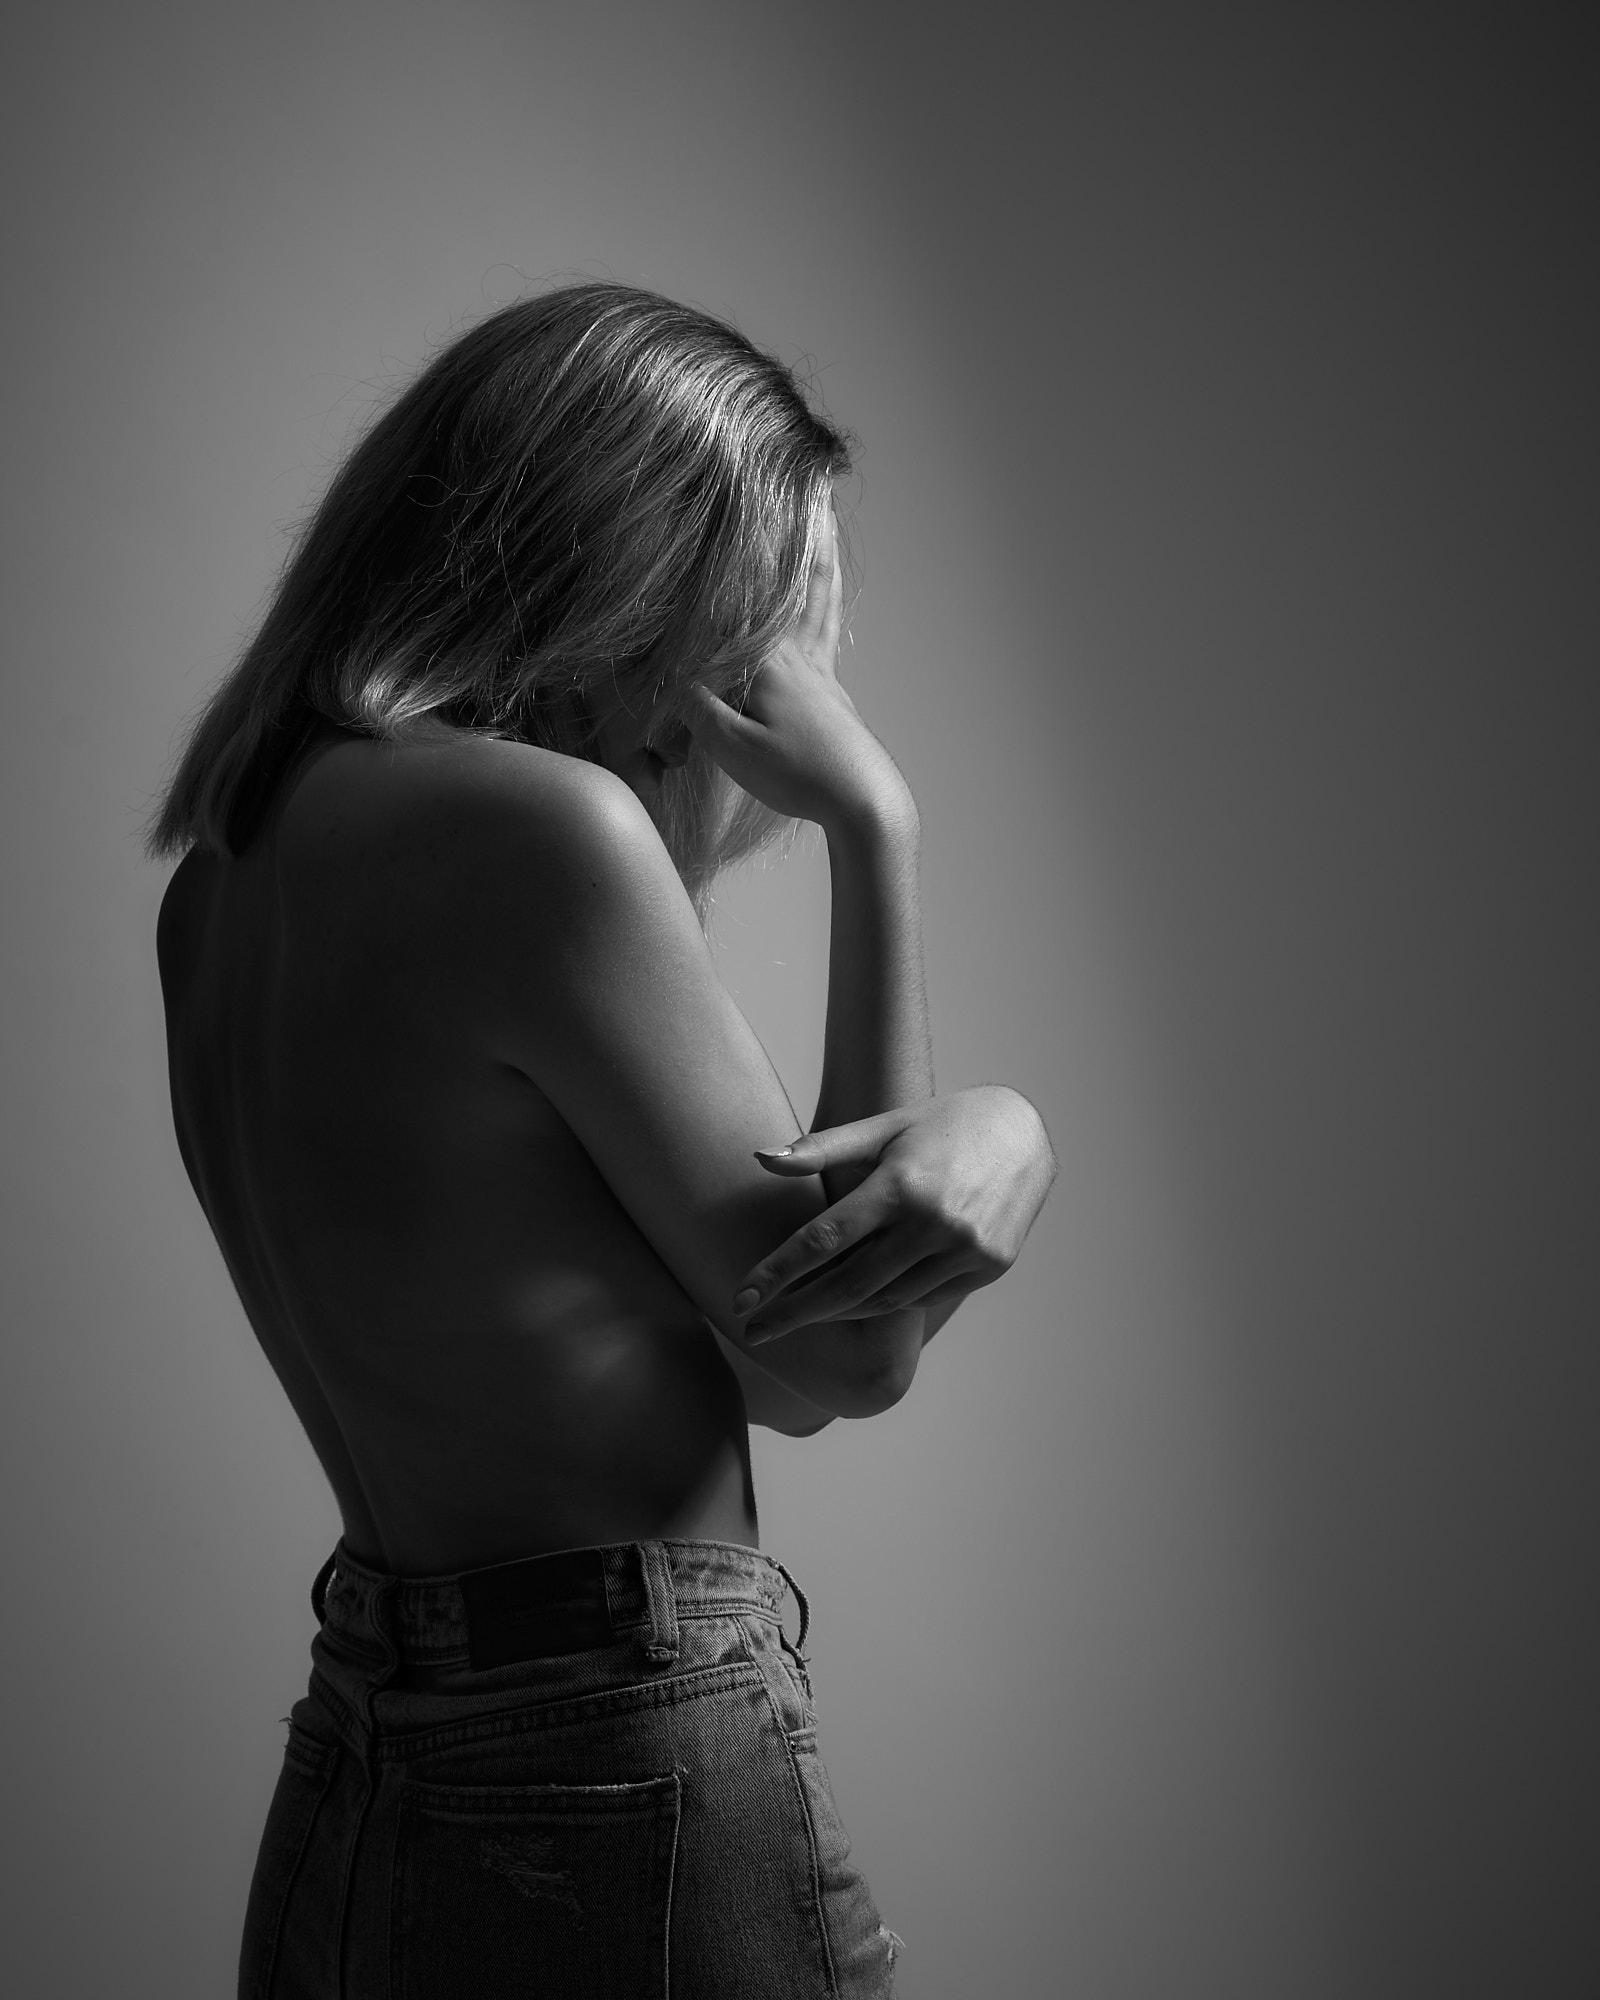 femme torse nu debout noir et blanc cheveux blond